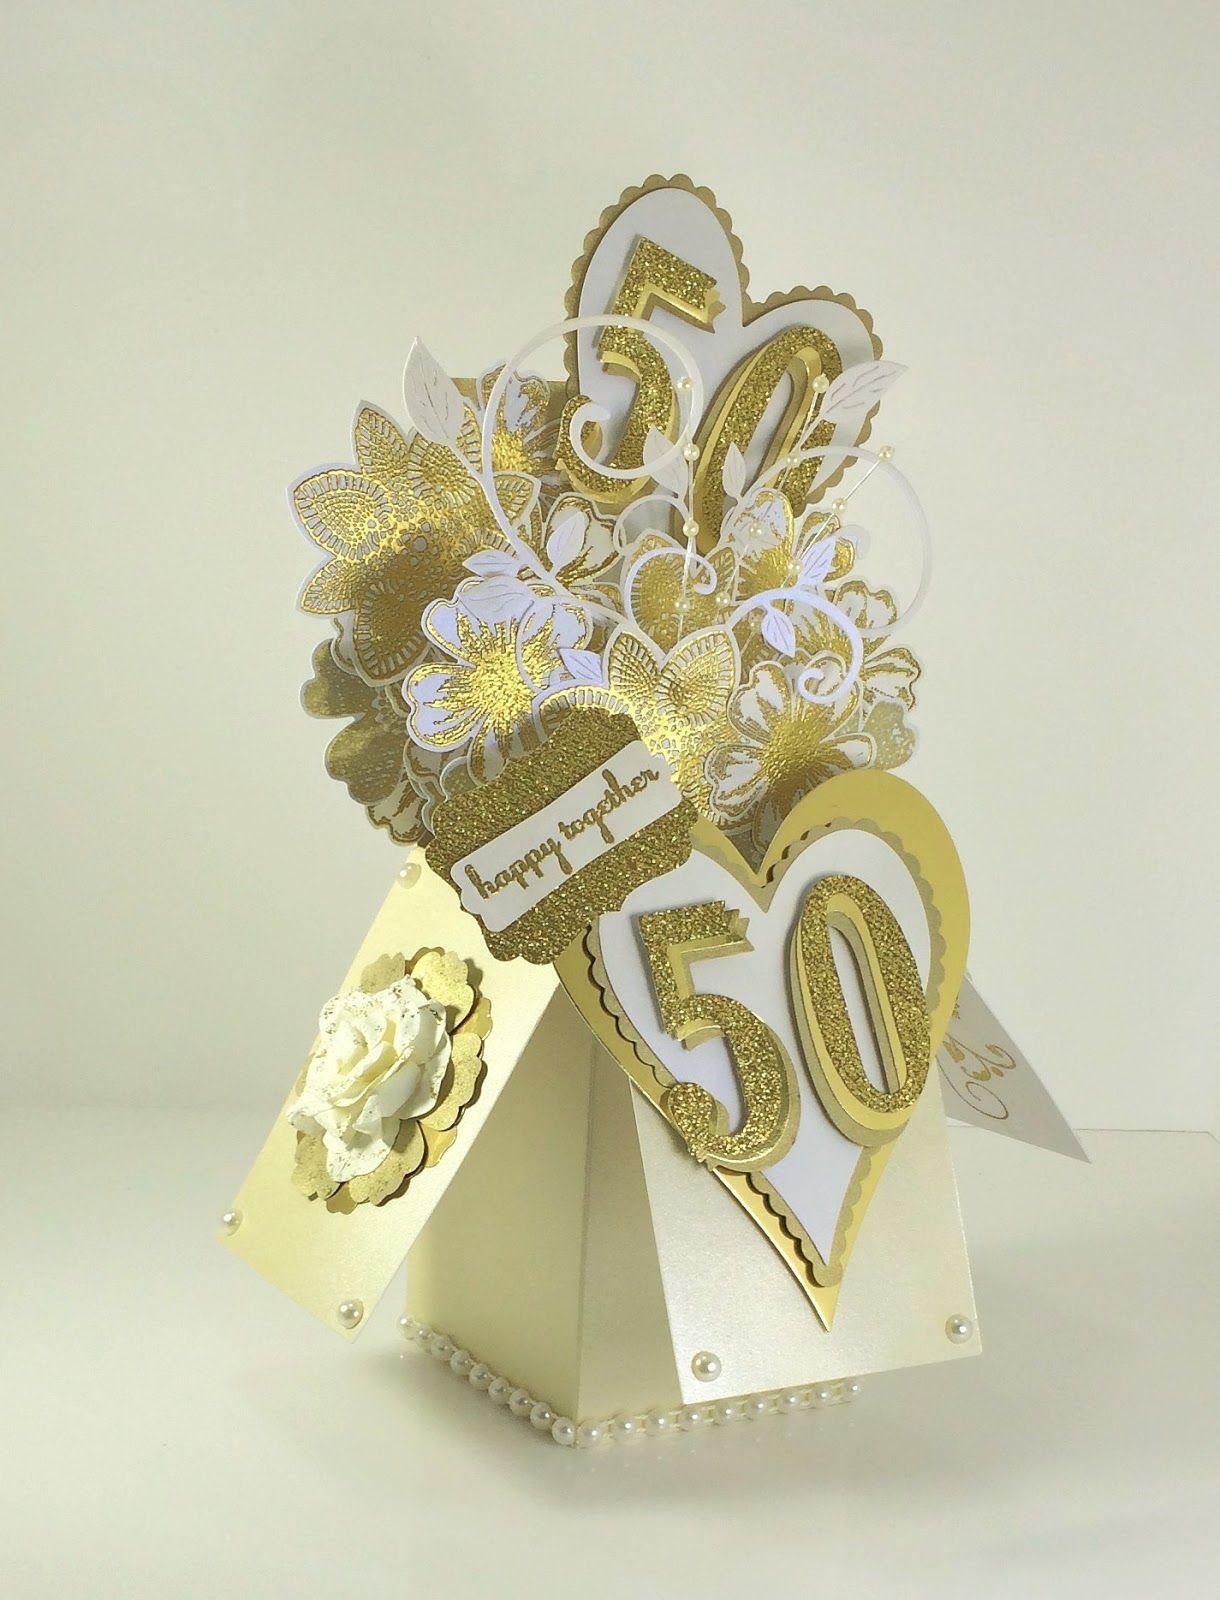 Wedding Anniversary Card In A Box Wedding Anniversary Cards 50th Anniversary Cards Wedding Cards Handmade